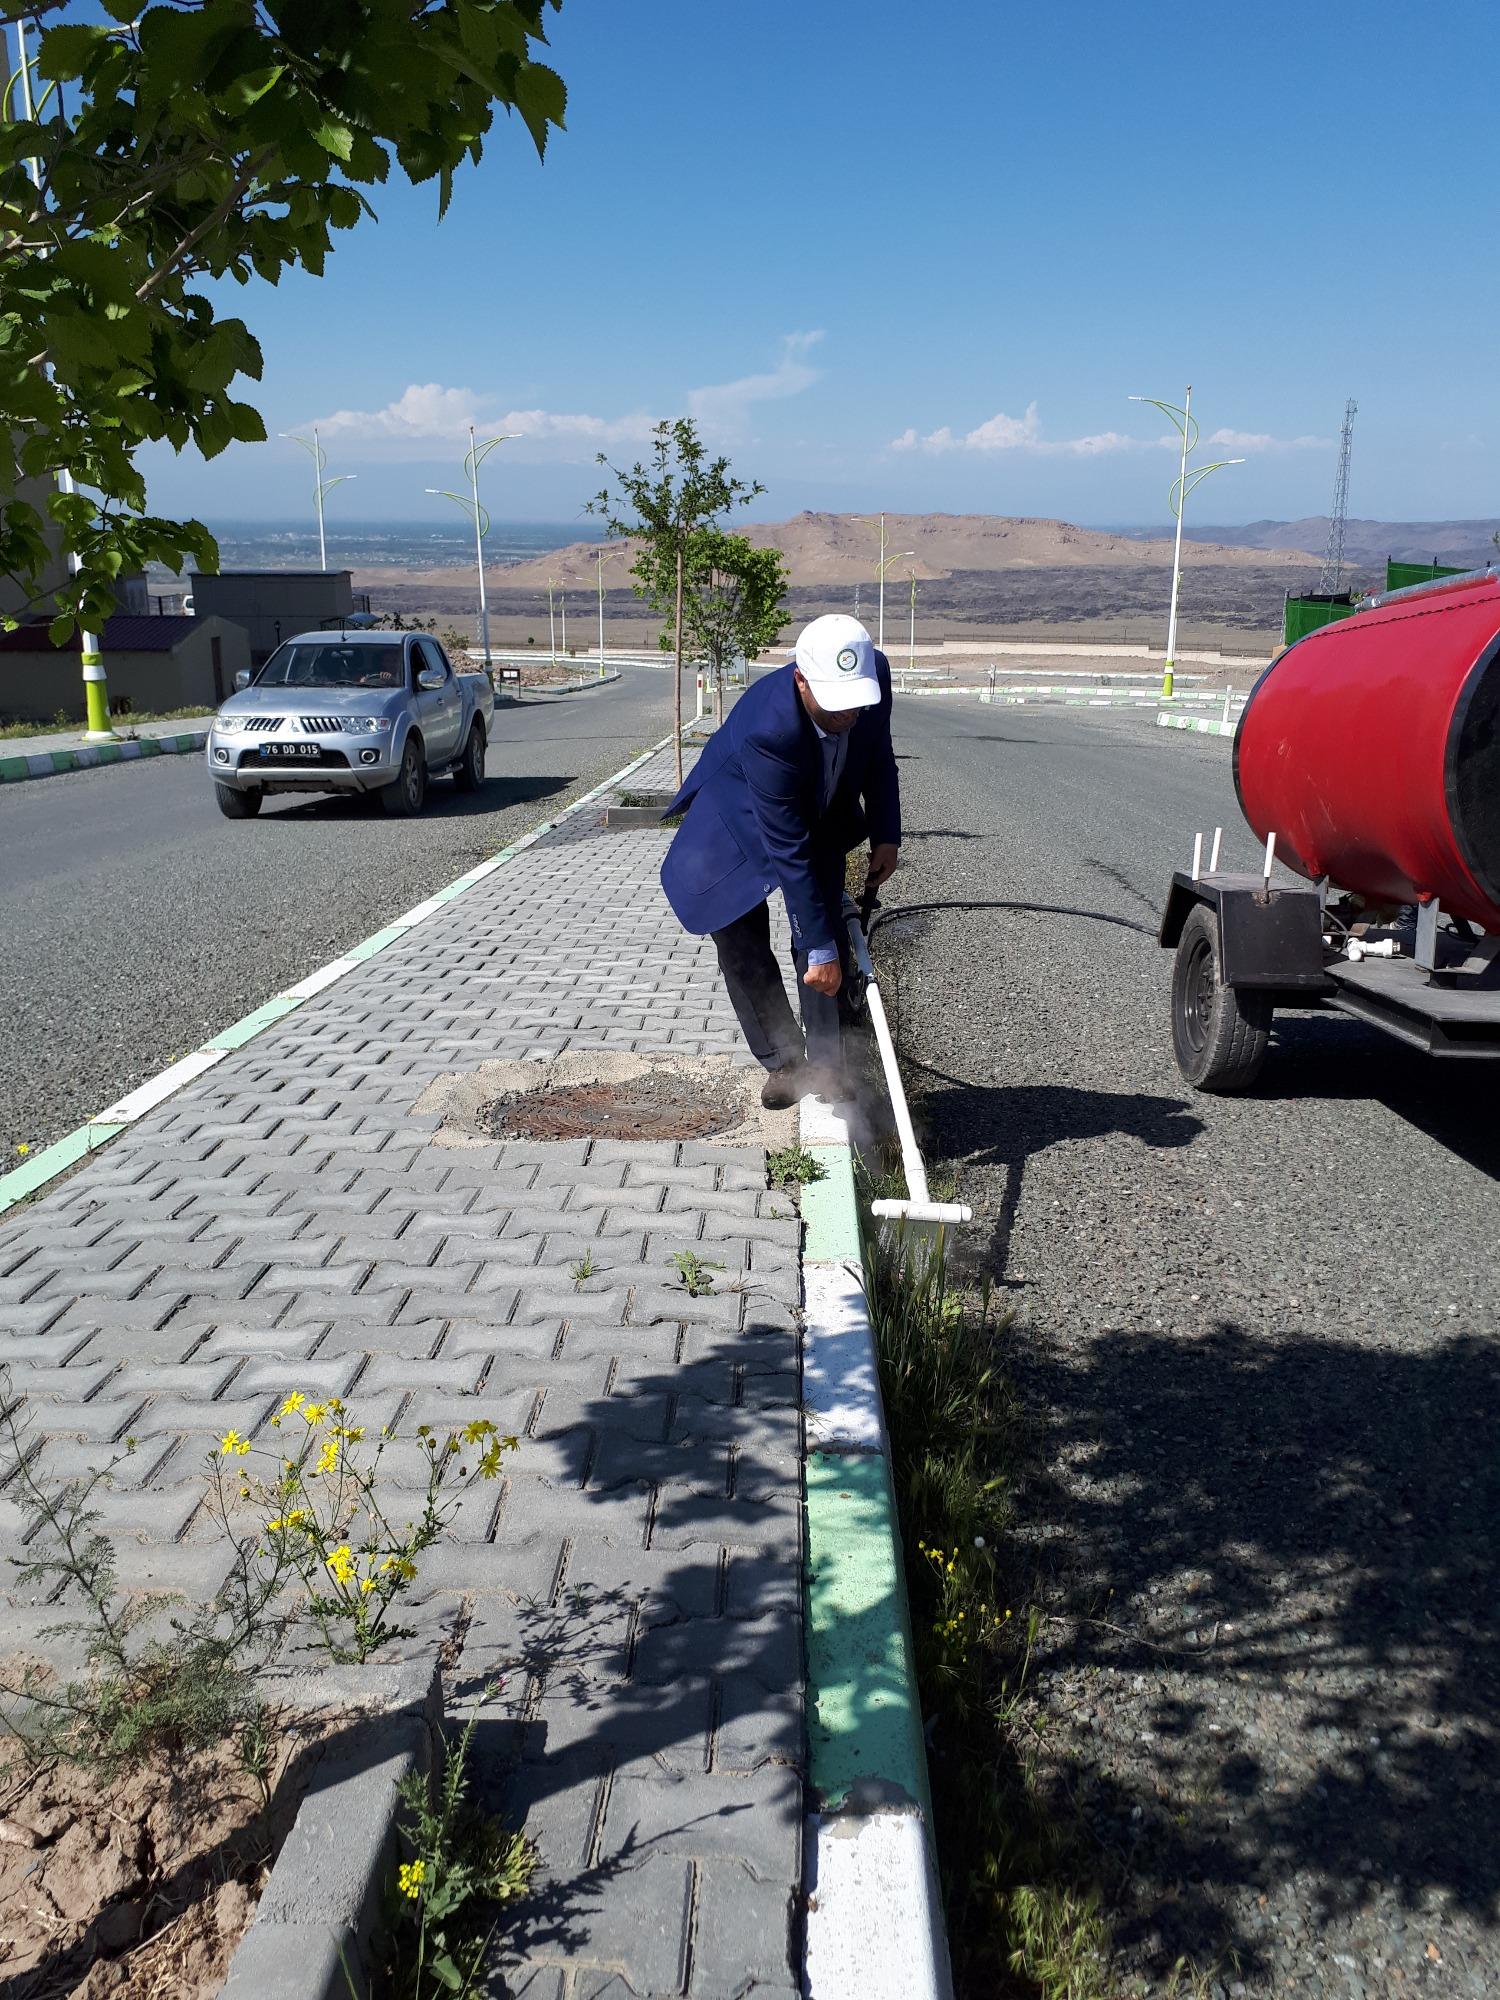 Üniversitemiz Şehit Bülent Yurtseven Kampüs Alanında Bulunan Yabancı Otlar Termal Yöntemlerle Kontrol Ediliyor